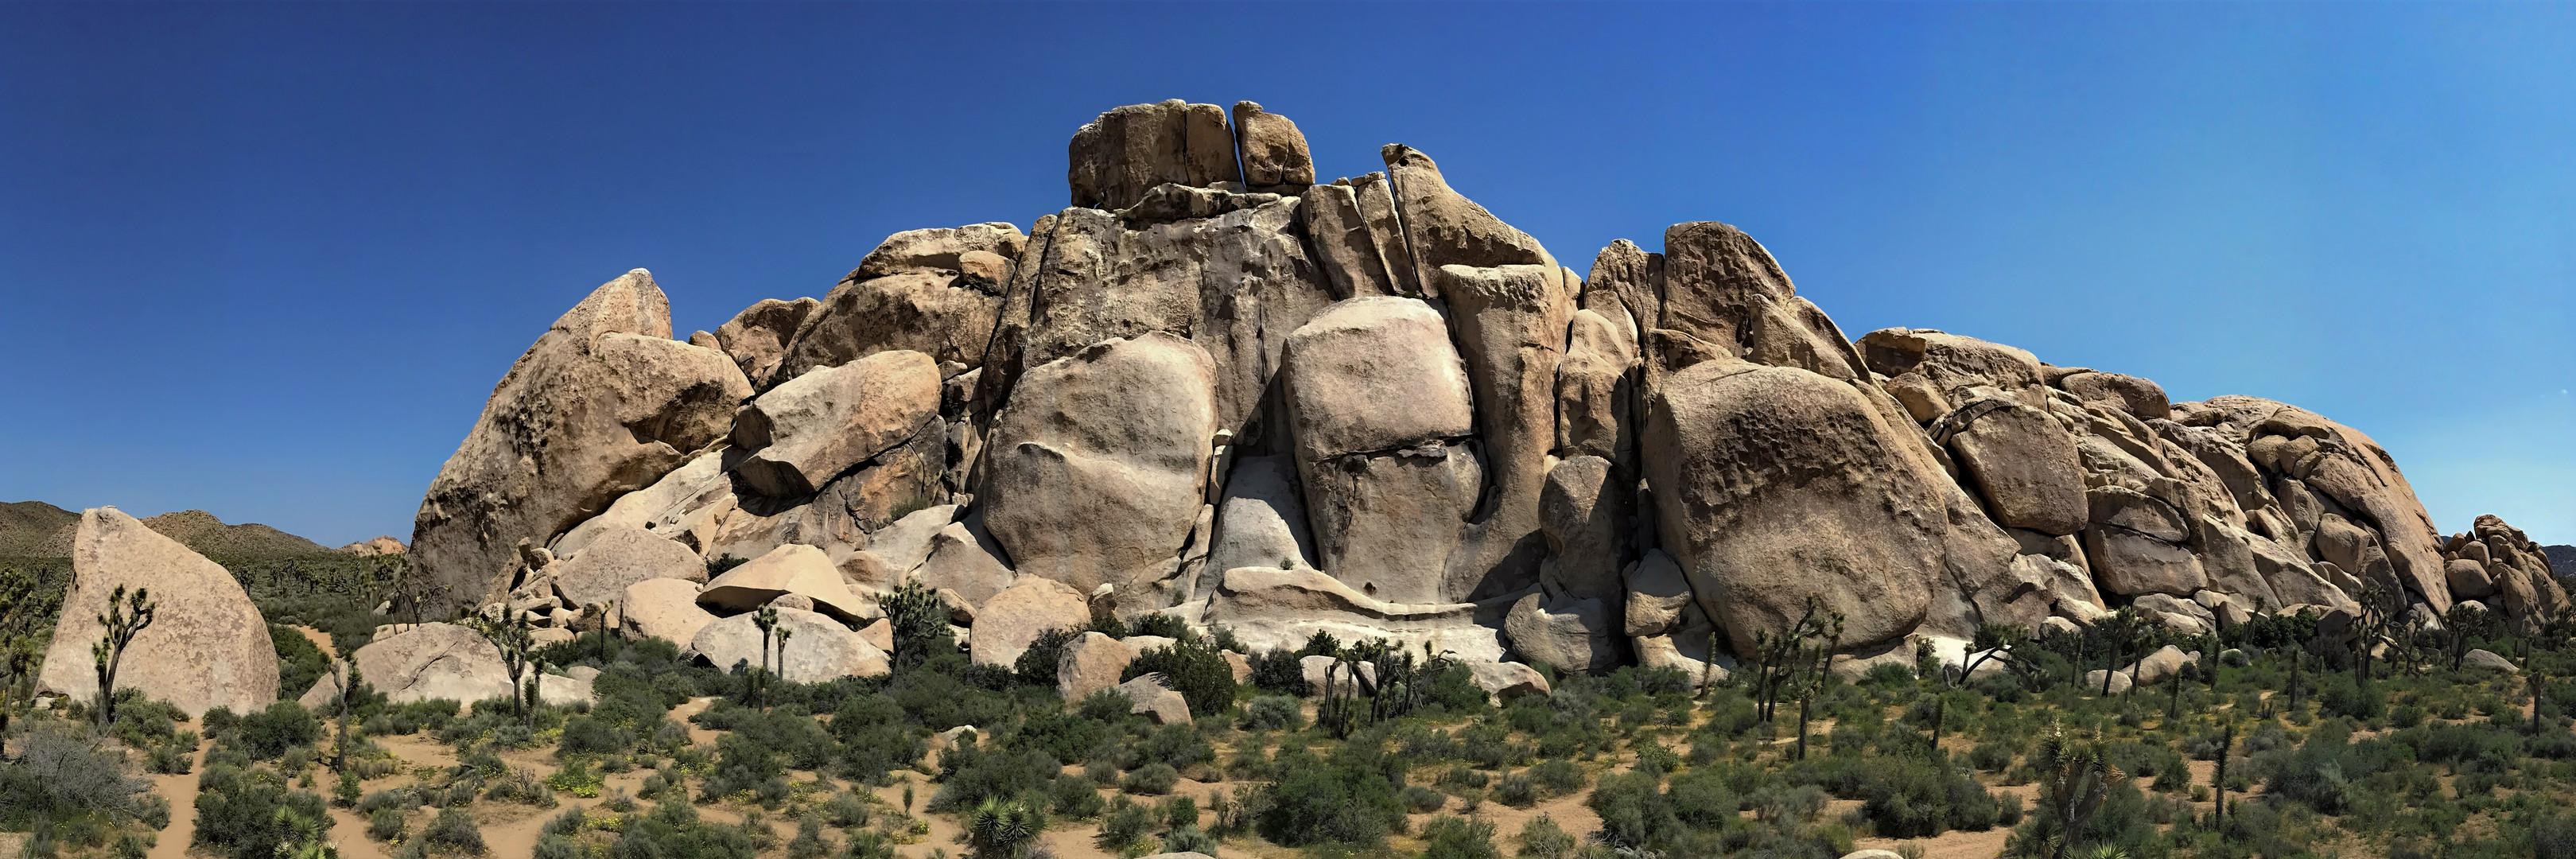 Large Boulder 12x36.jpg